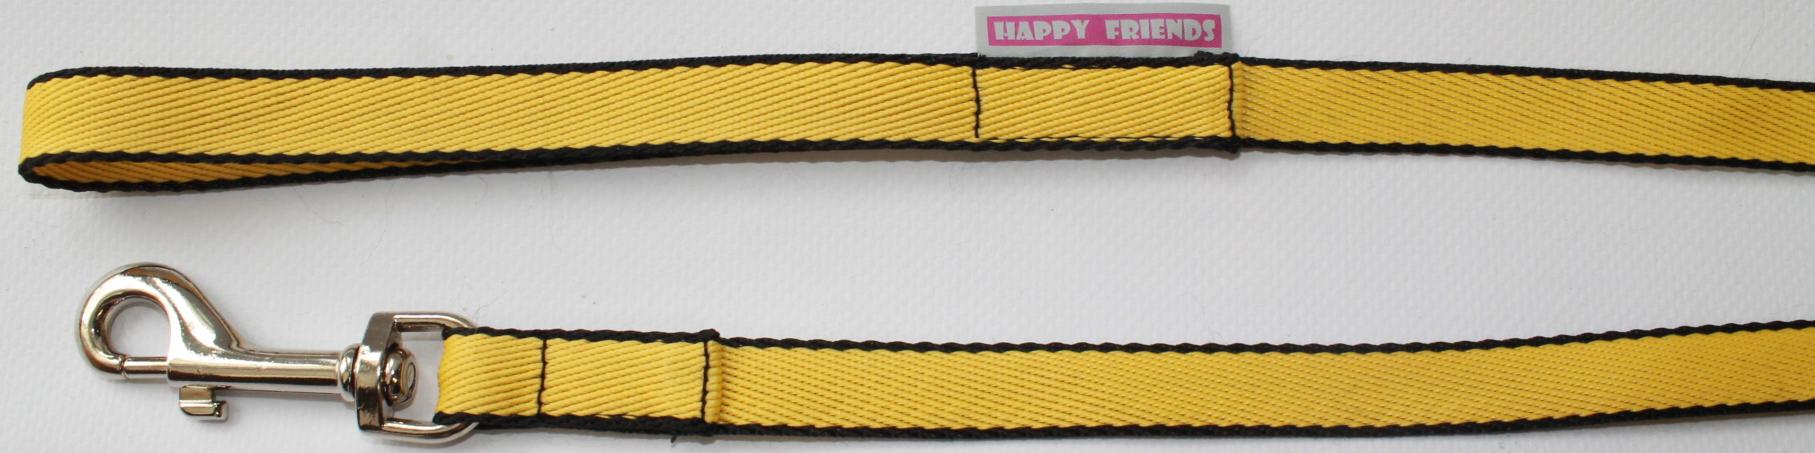 Поводок для собак Happy Friends, цвет: желтый, ширина 1 см, длина 1,20 м поводок для собак happy friends нескользящий цвет синий ширина 2 см длина 2 м